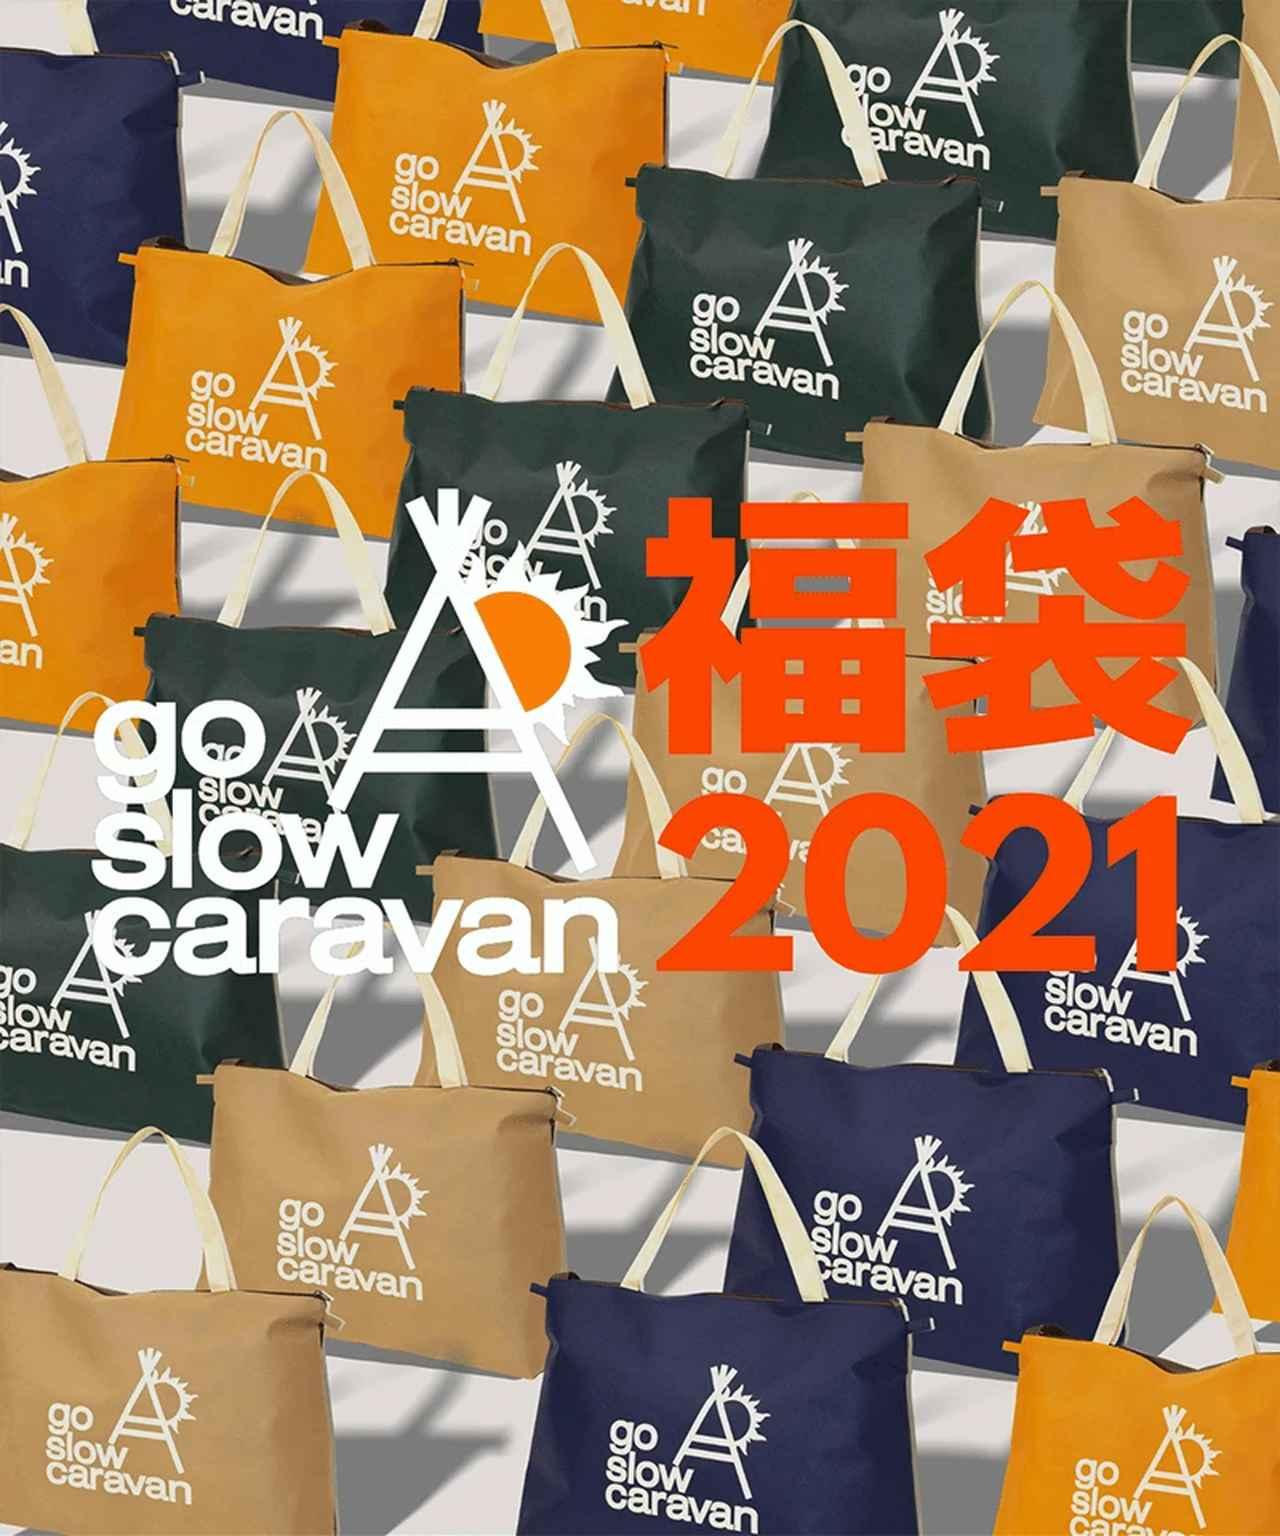 画像: go slow caravan/ゴースローキャラバン 2021福袋 (MENS/WOMENS) ファッション通販 SANKO BAZAAR(サンコーバザール)